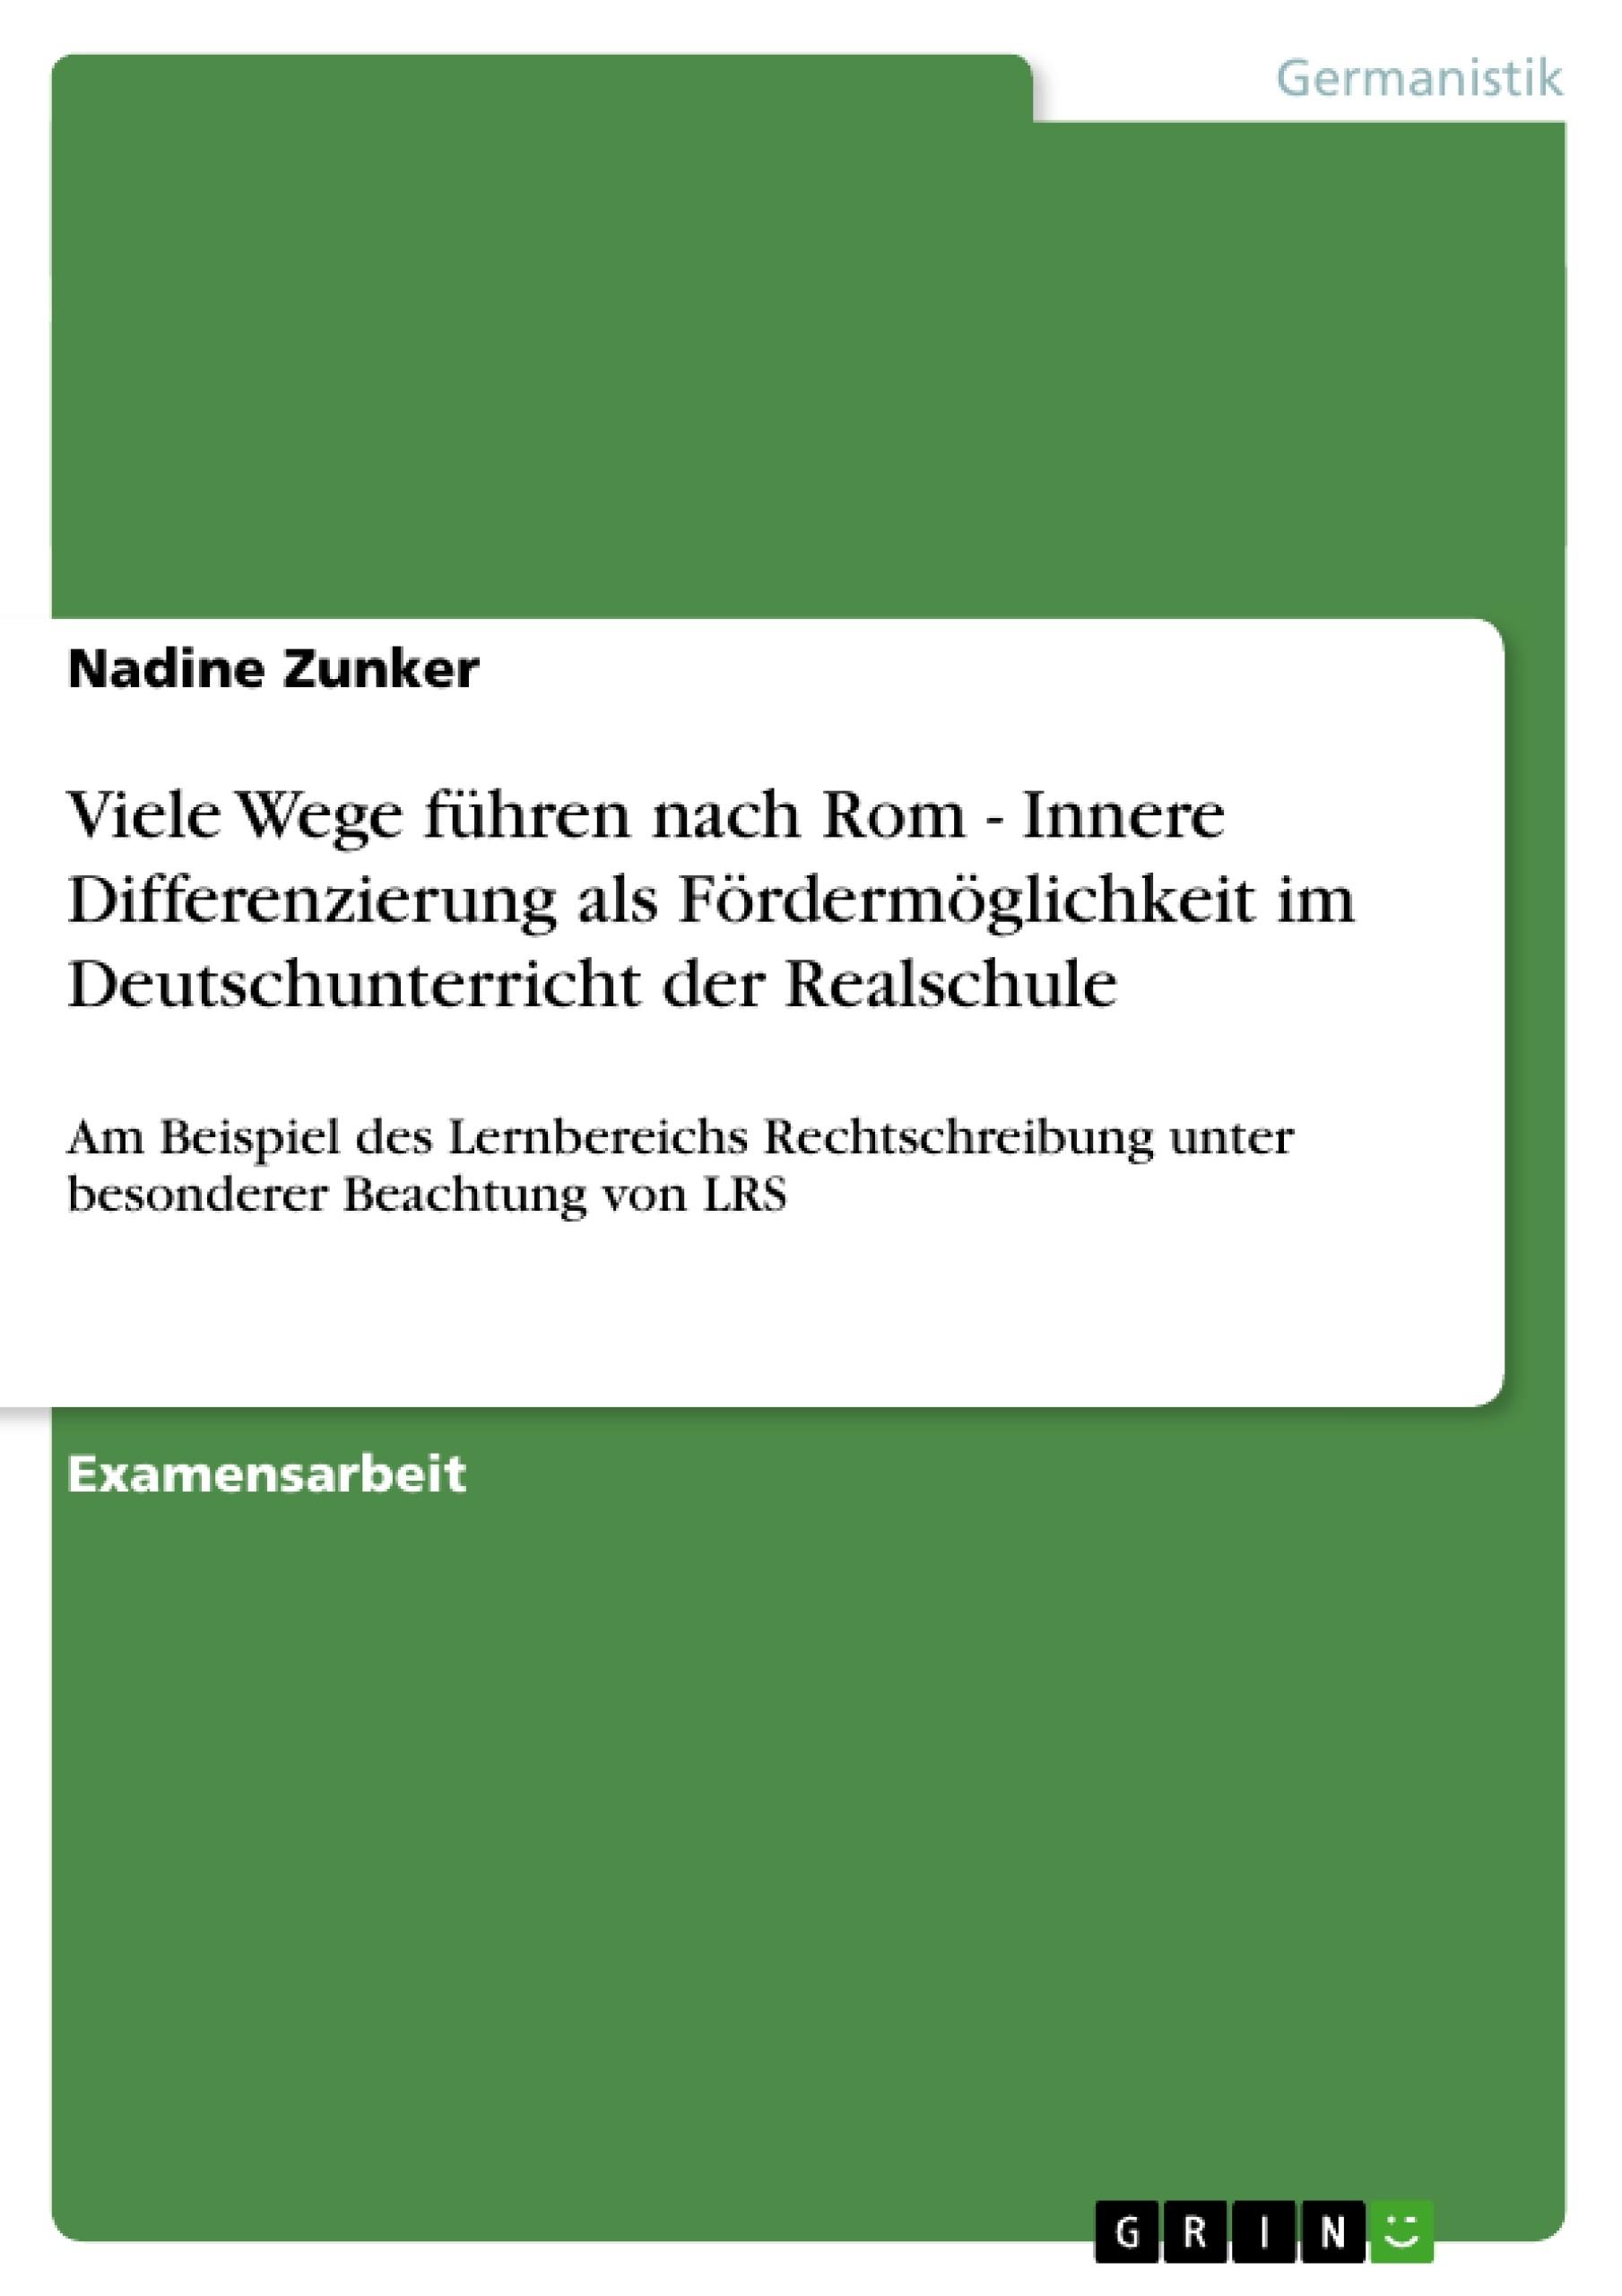 Titel: Viele Wege führen nach Rom - Innere Differenzierung als Fördermöglichkeit im Deutschunterricht der Realschule